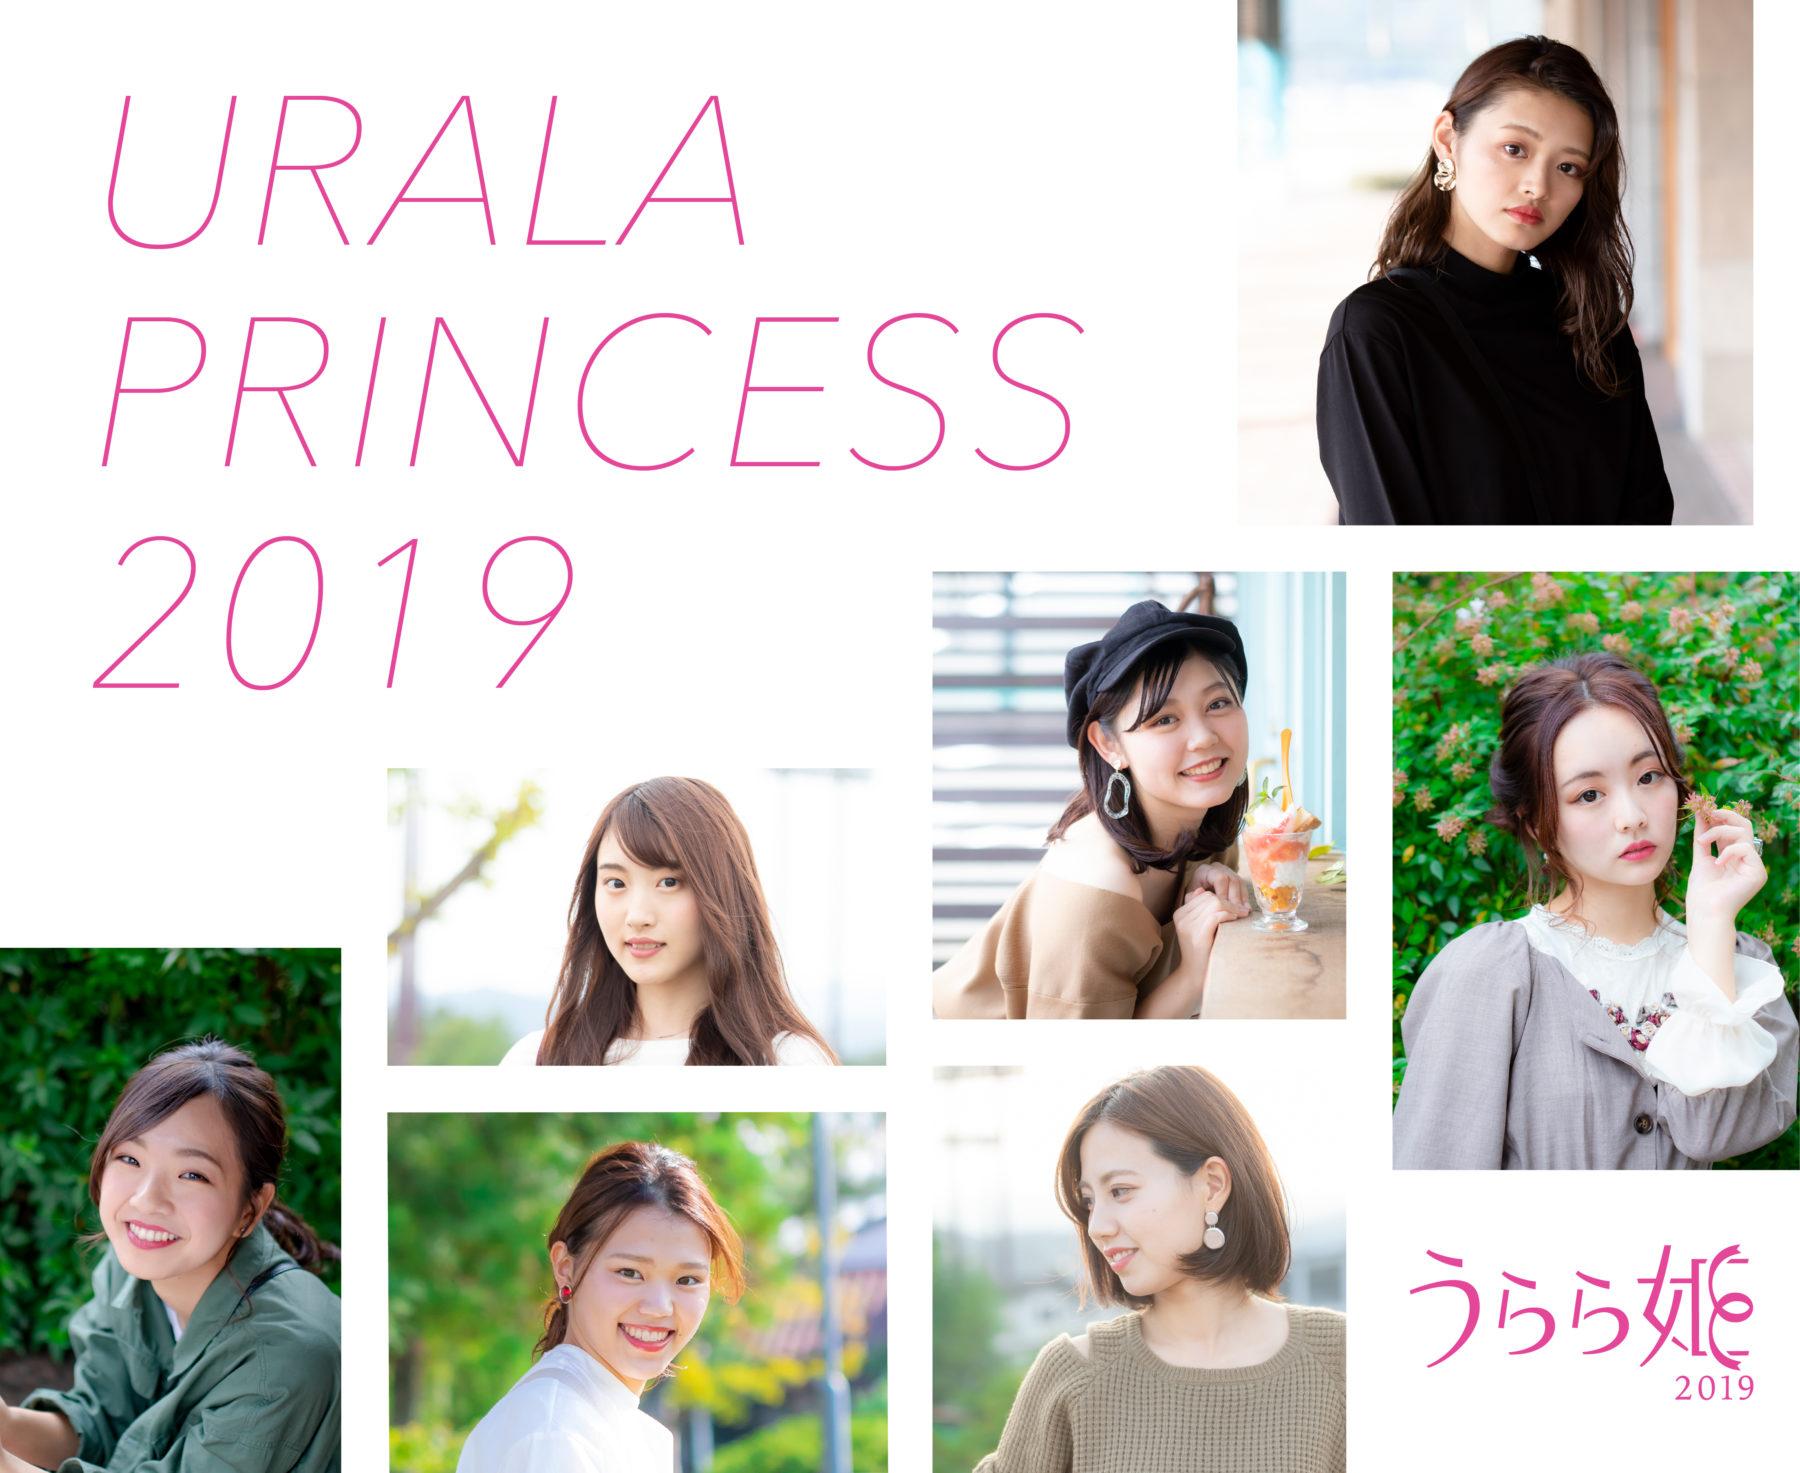 「うらら姫2019」に選ばれた女の子ってどんな子?彼女たちの素顔に迫ってみました!